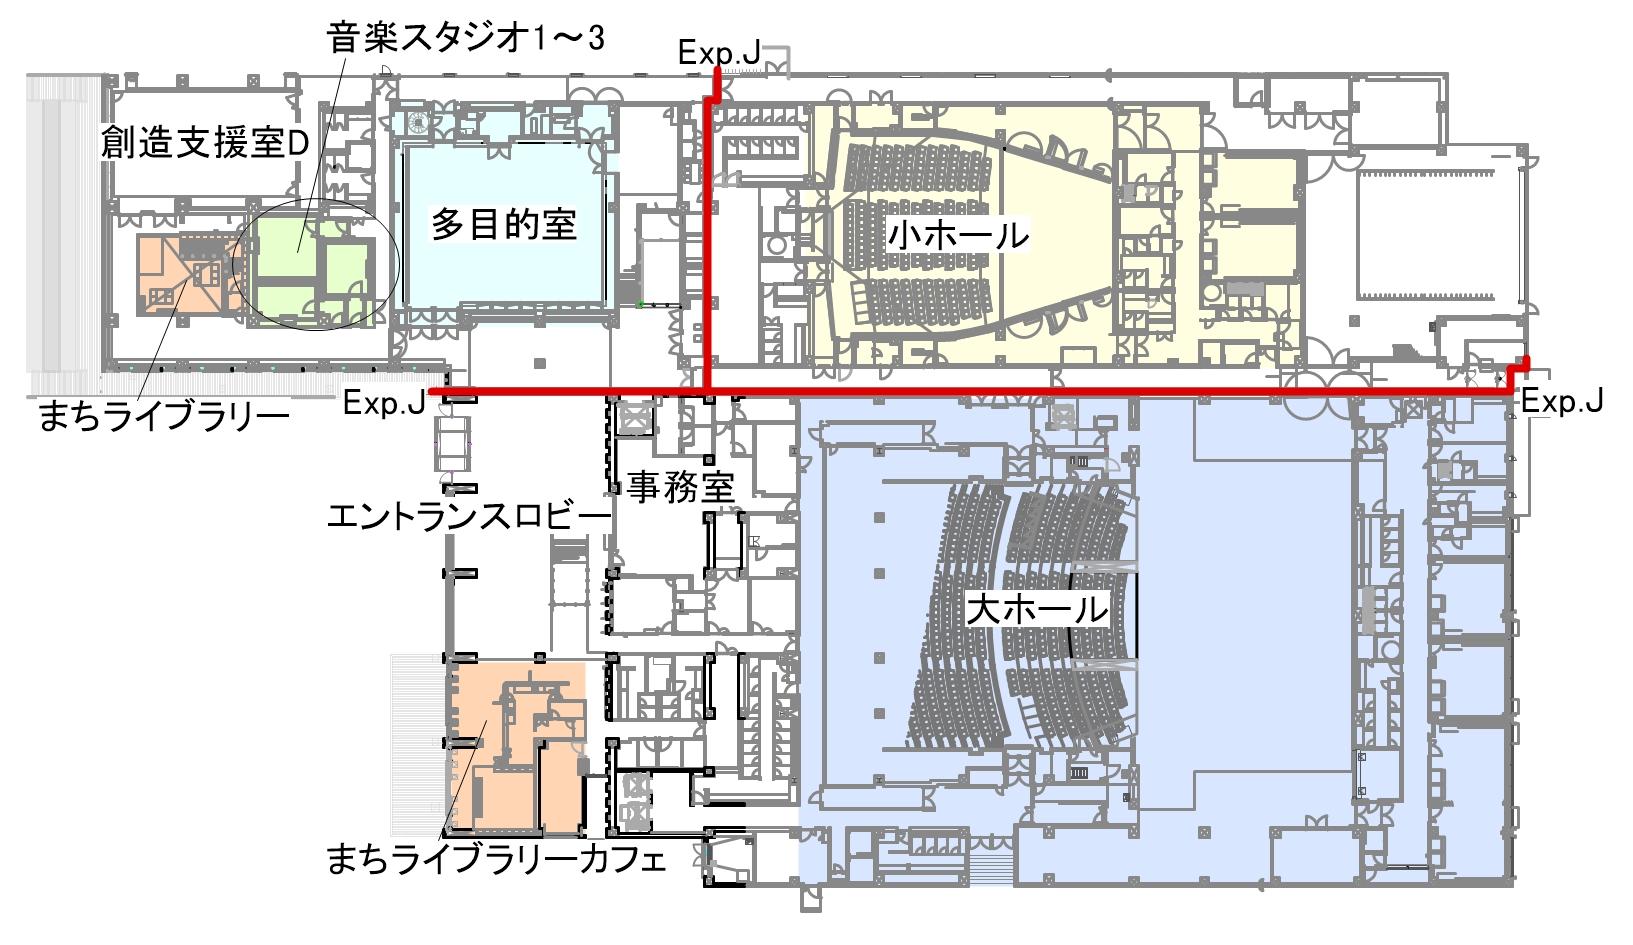 大阪 文化 東 創造 館 市